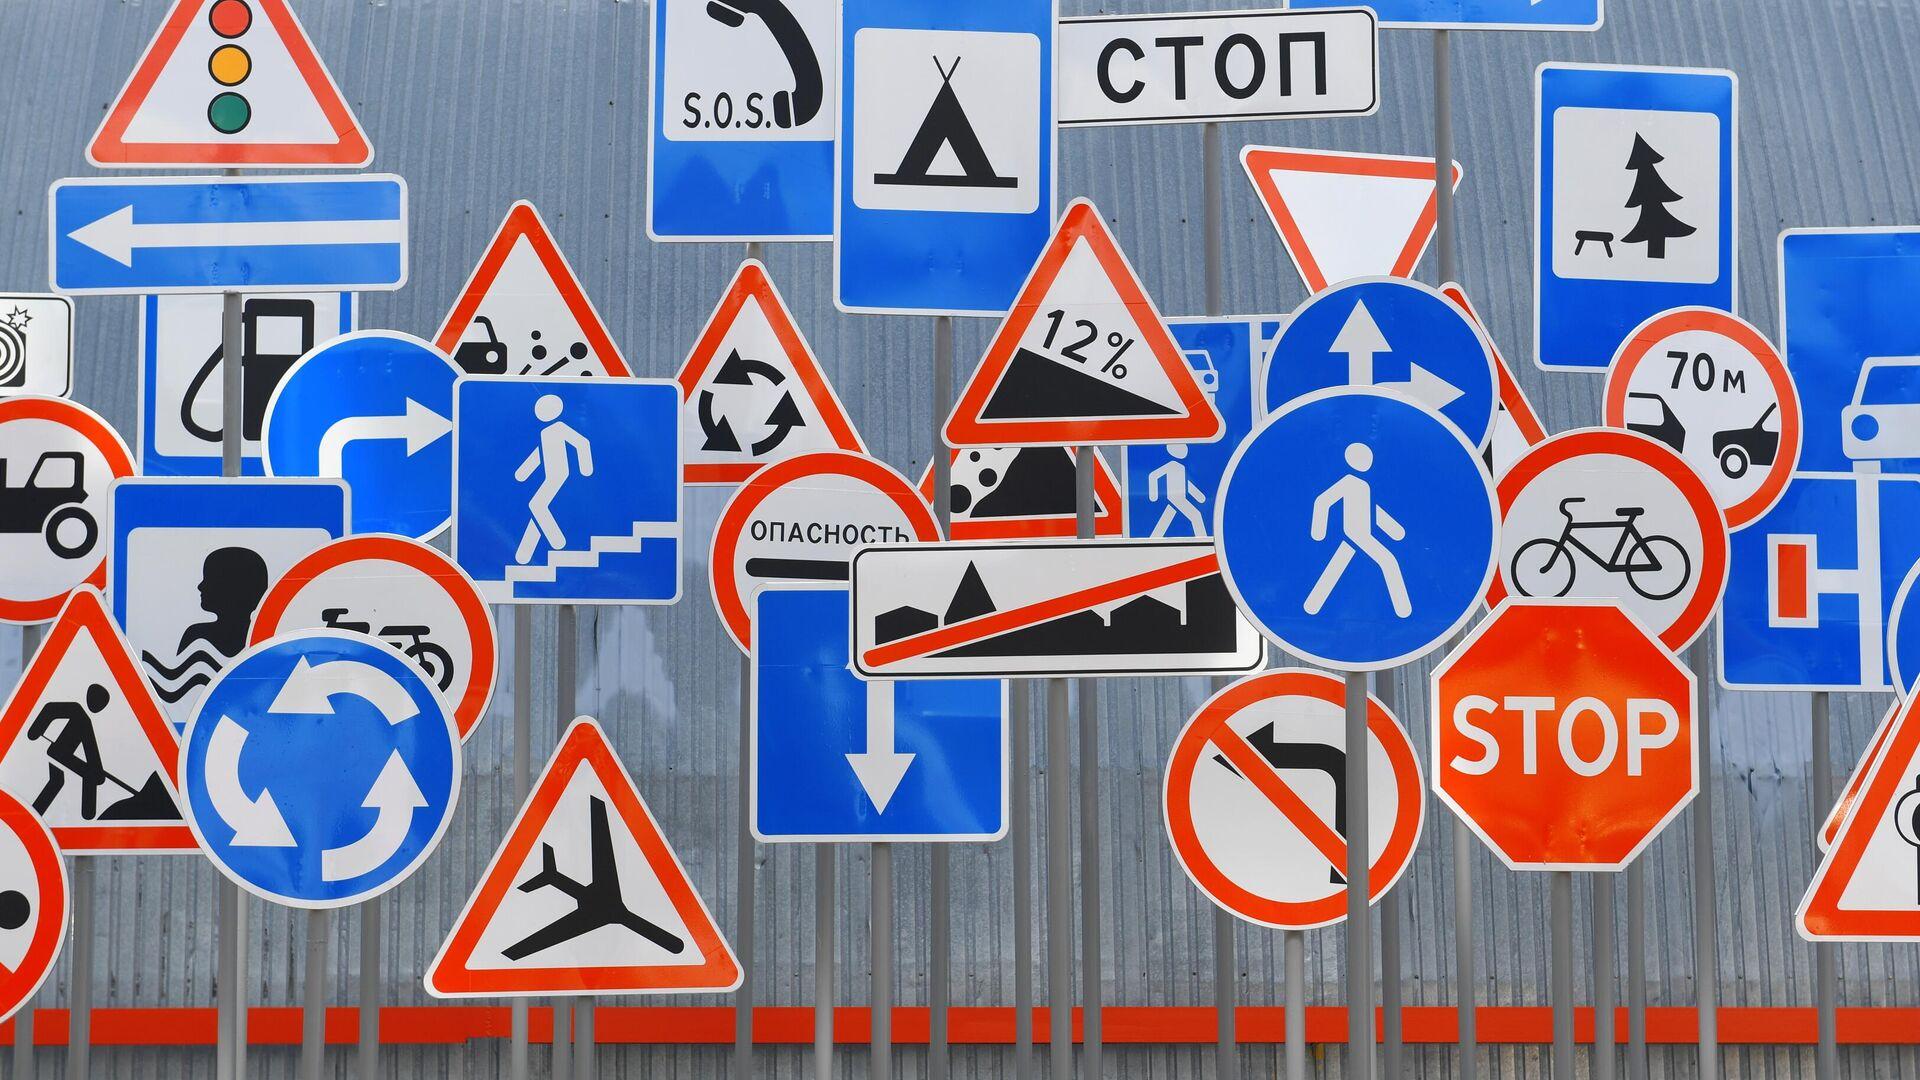 Дорожные знаки около автомузея в Москве - РИА Новости, 1920, 08.01.2021